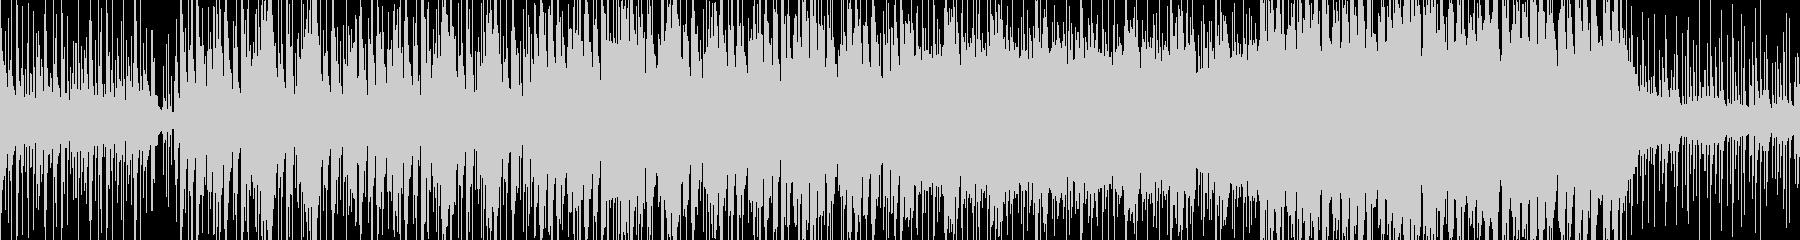 【ループ】和楽器×タブラのゆったりBGMの未再生の波形